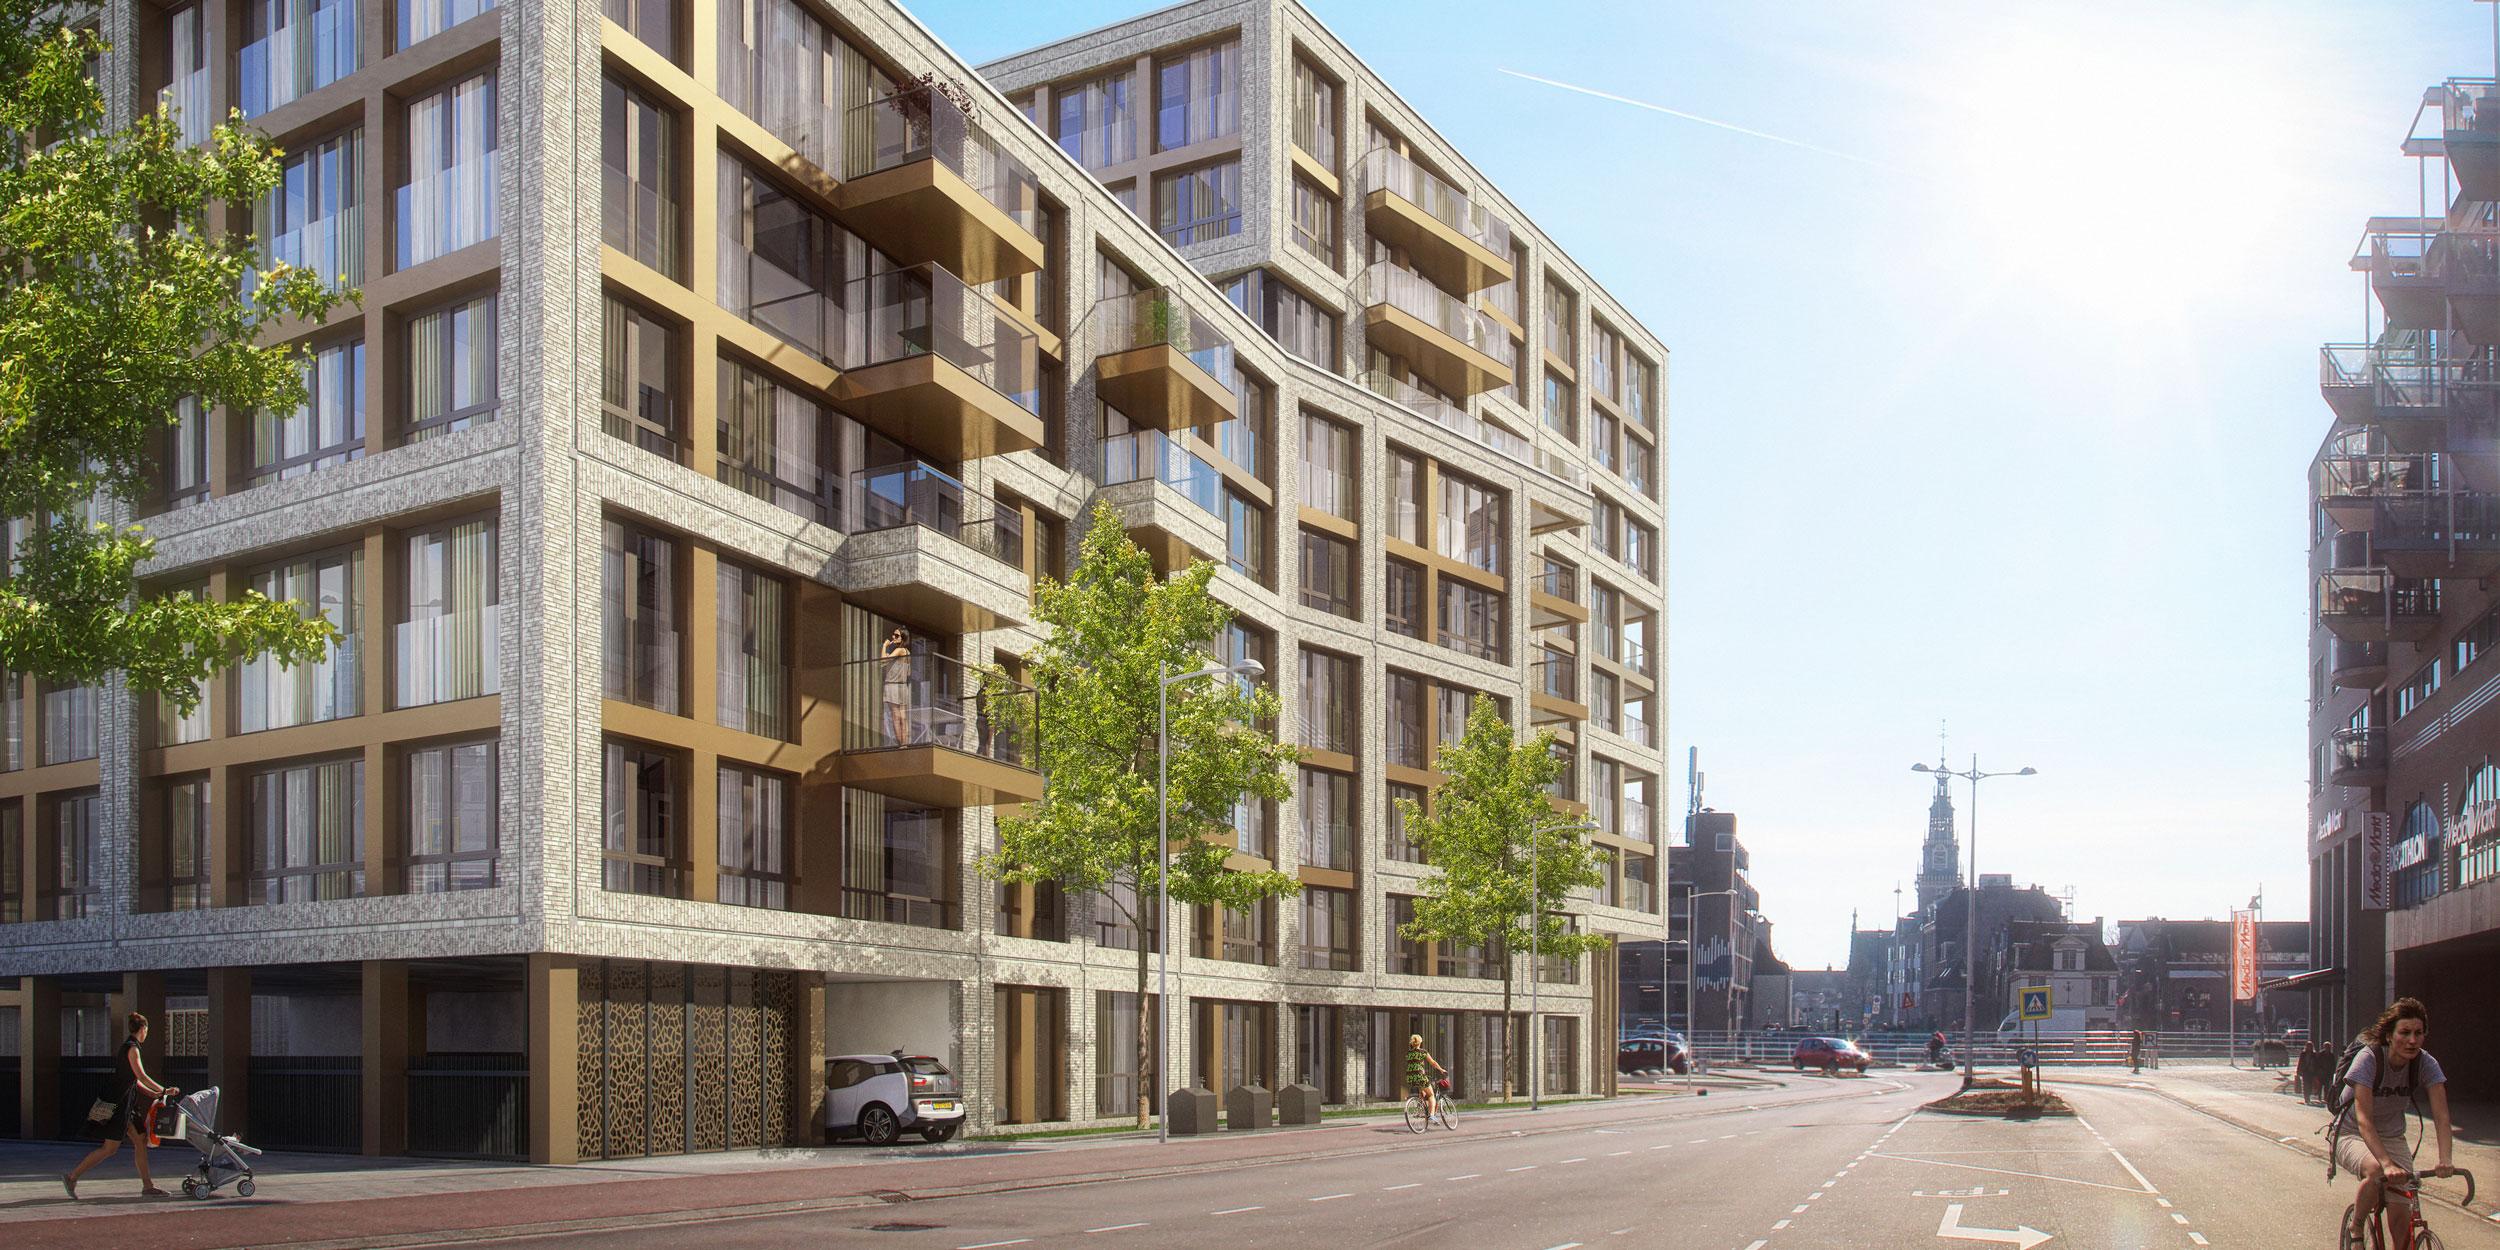 Dockside-appartementen-alkmaar-straat-achter-header-licht